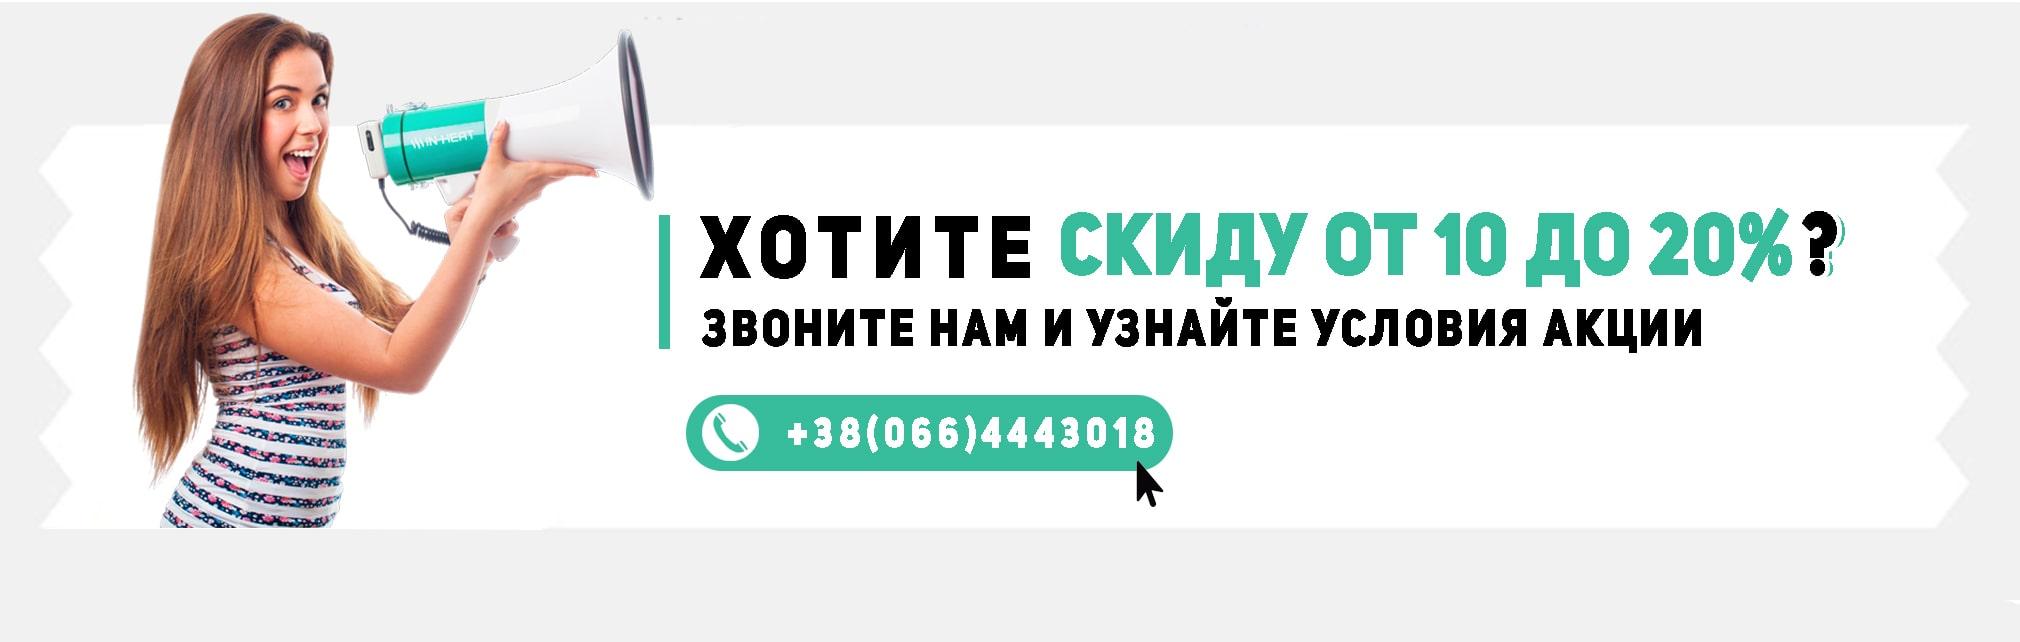 Кабельный мат Хемштед Купить со скидкой в Украине